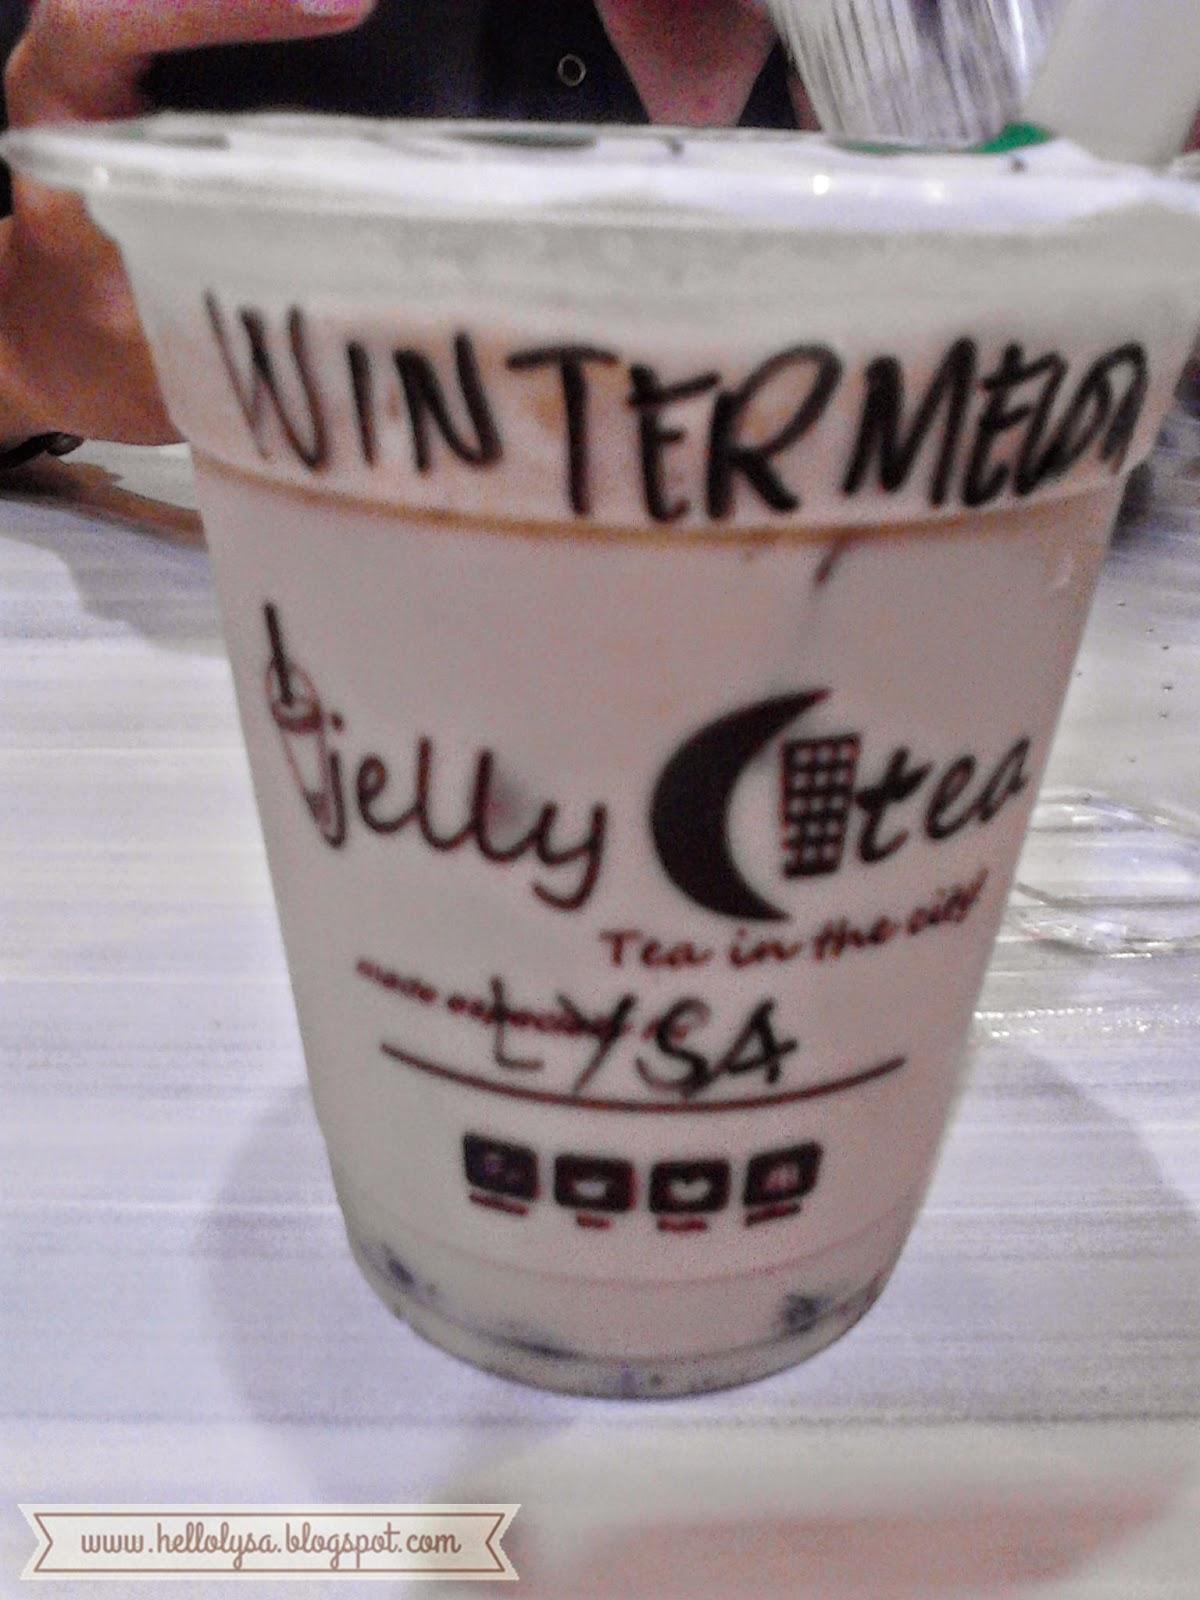 Jelly Citea